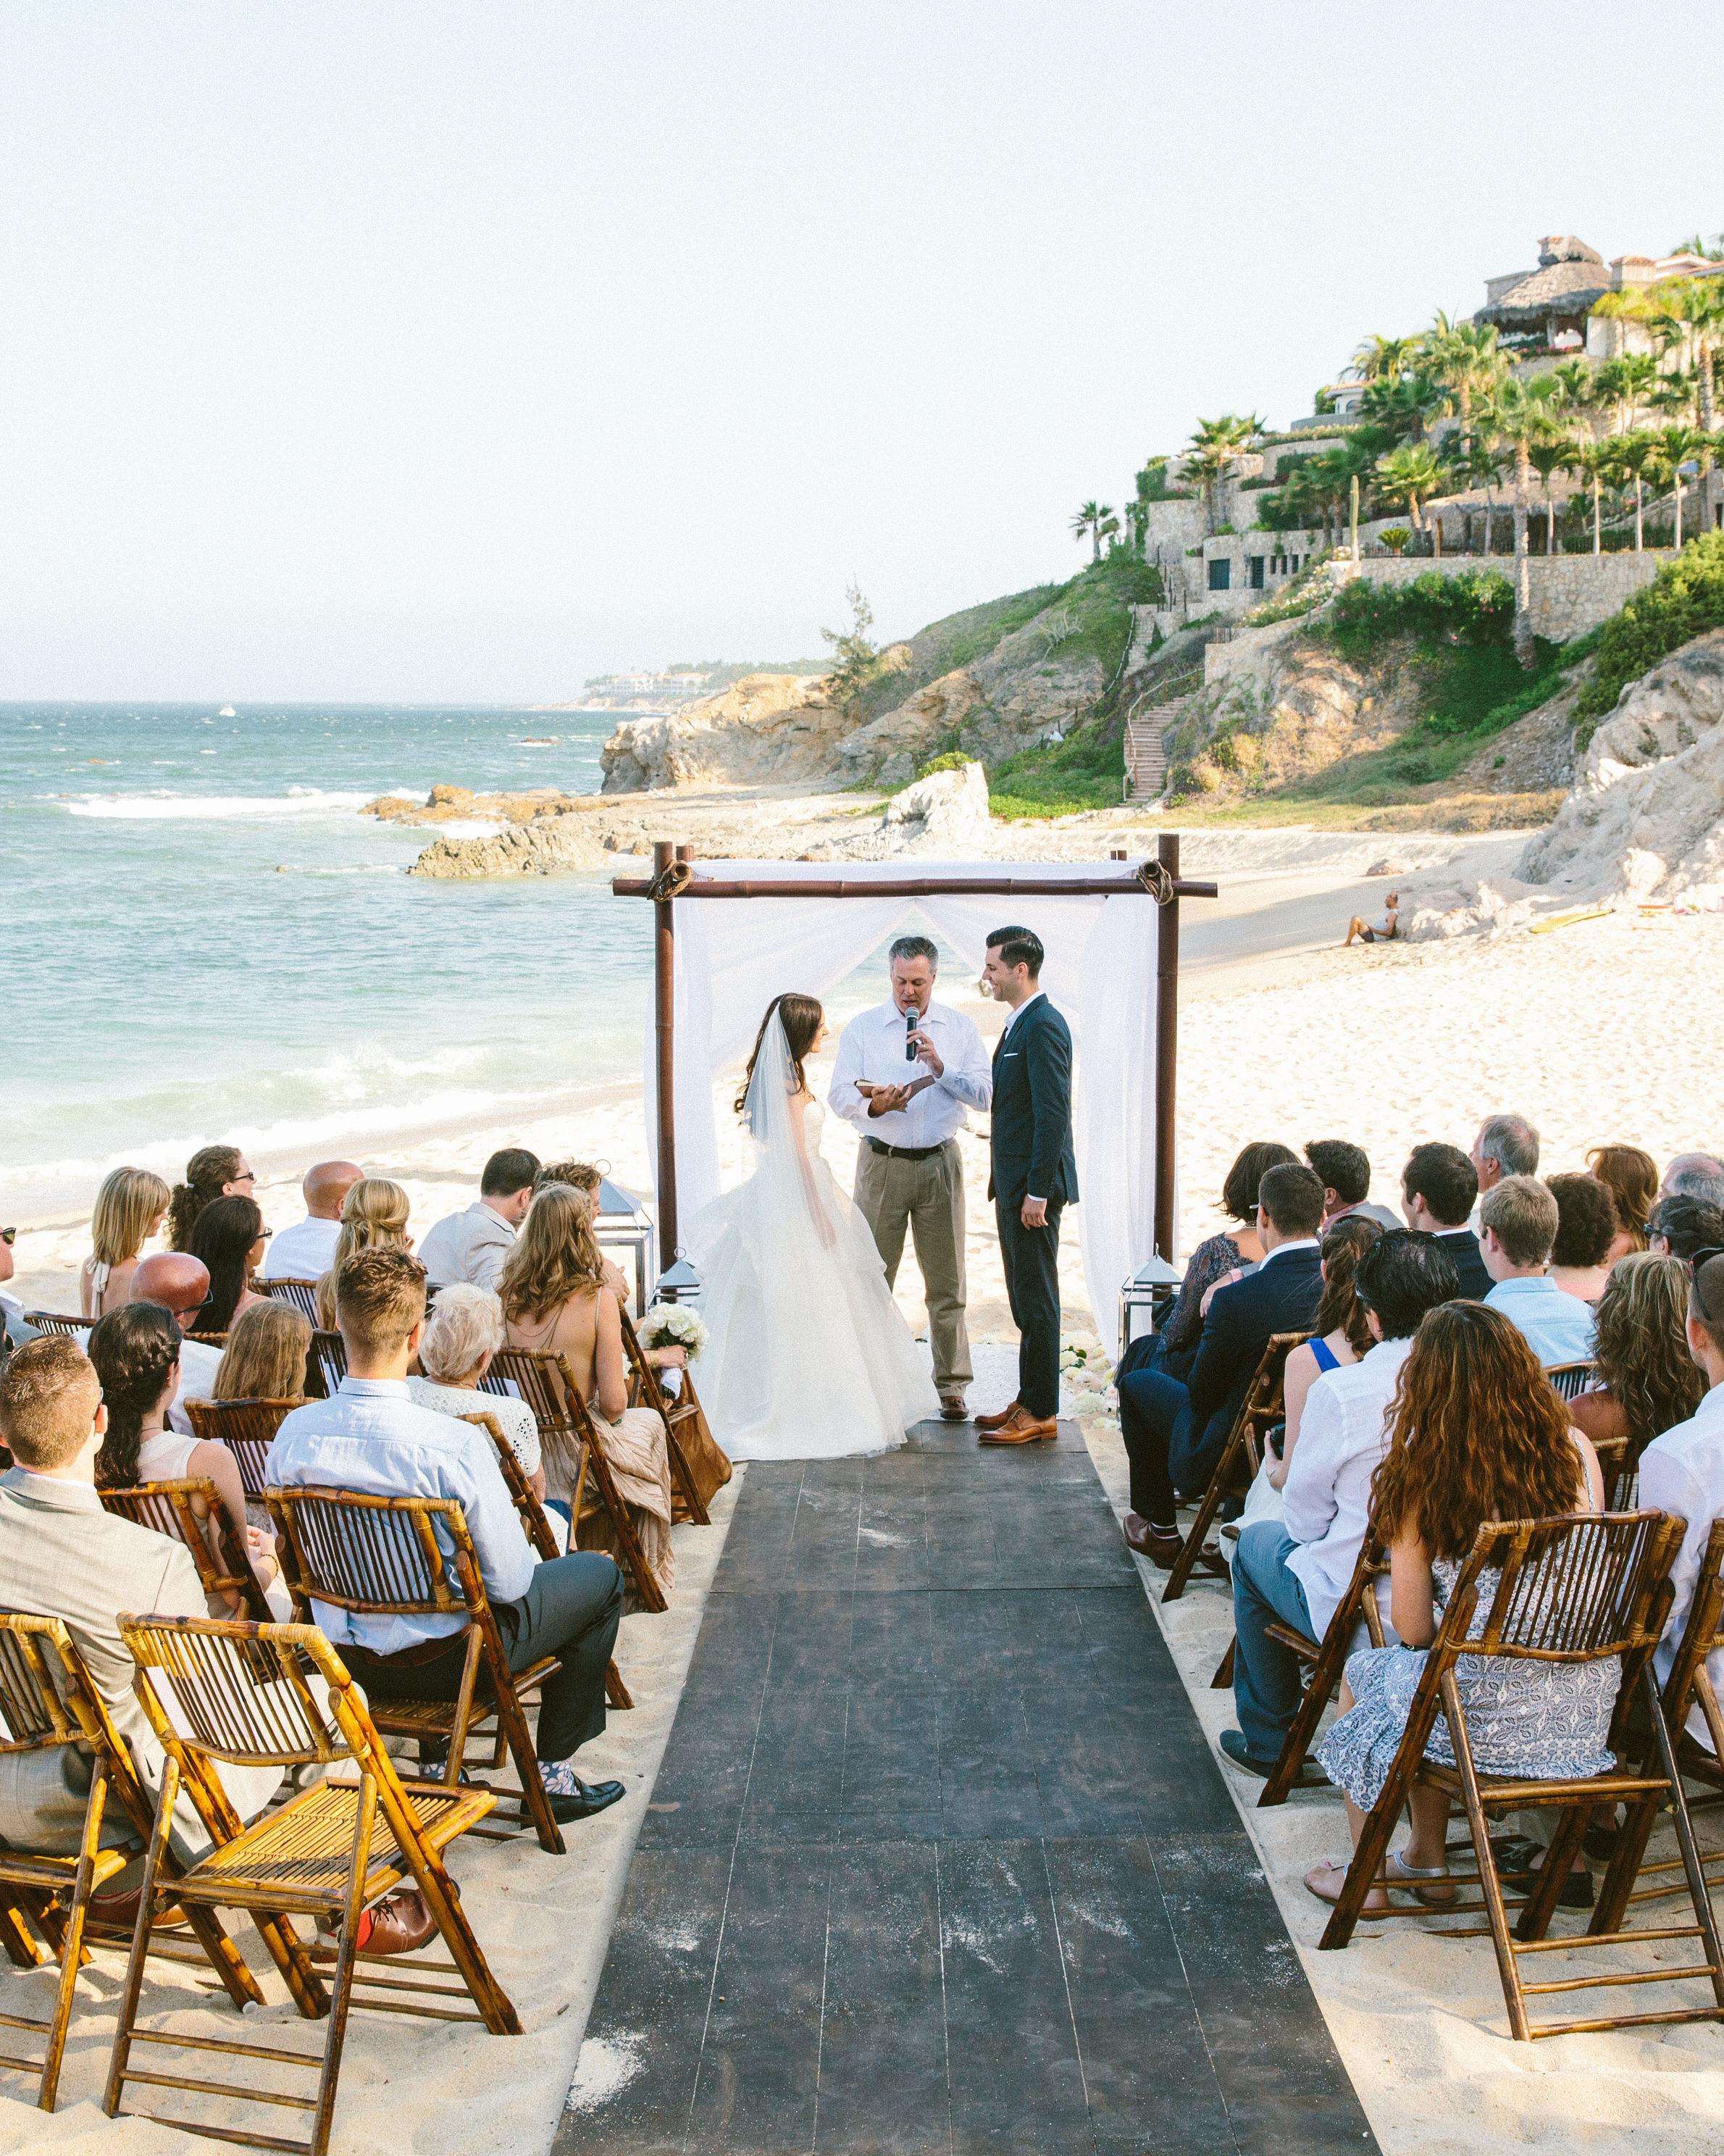 ali-jess-wedding-ceremony-082-002-s111717-1214.jpg